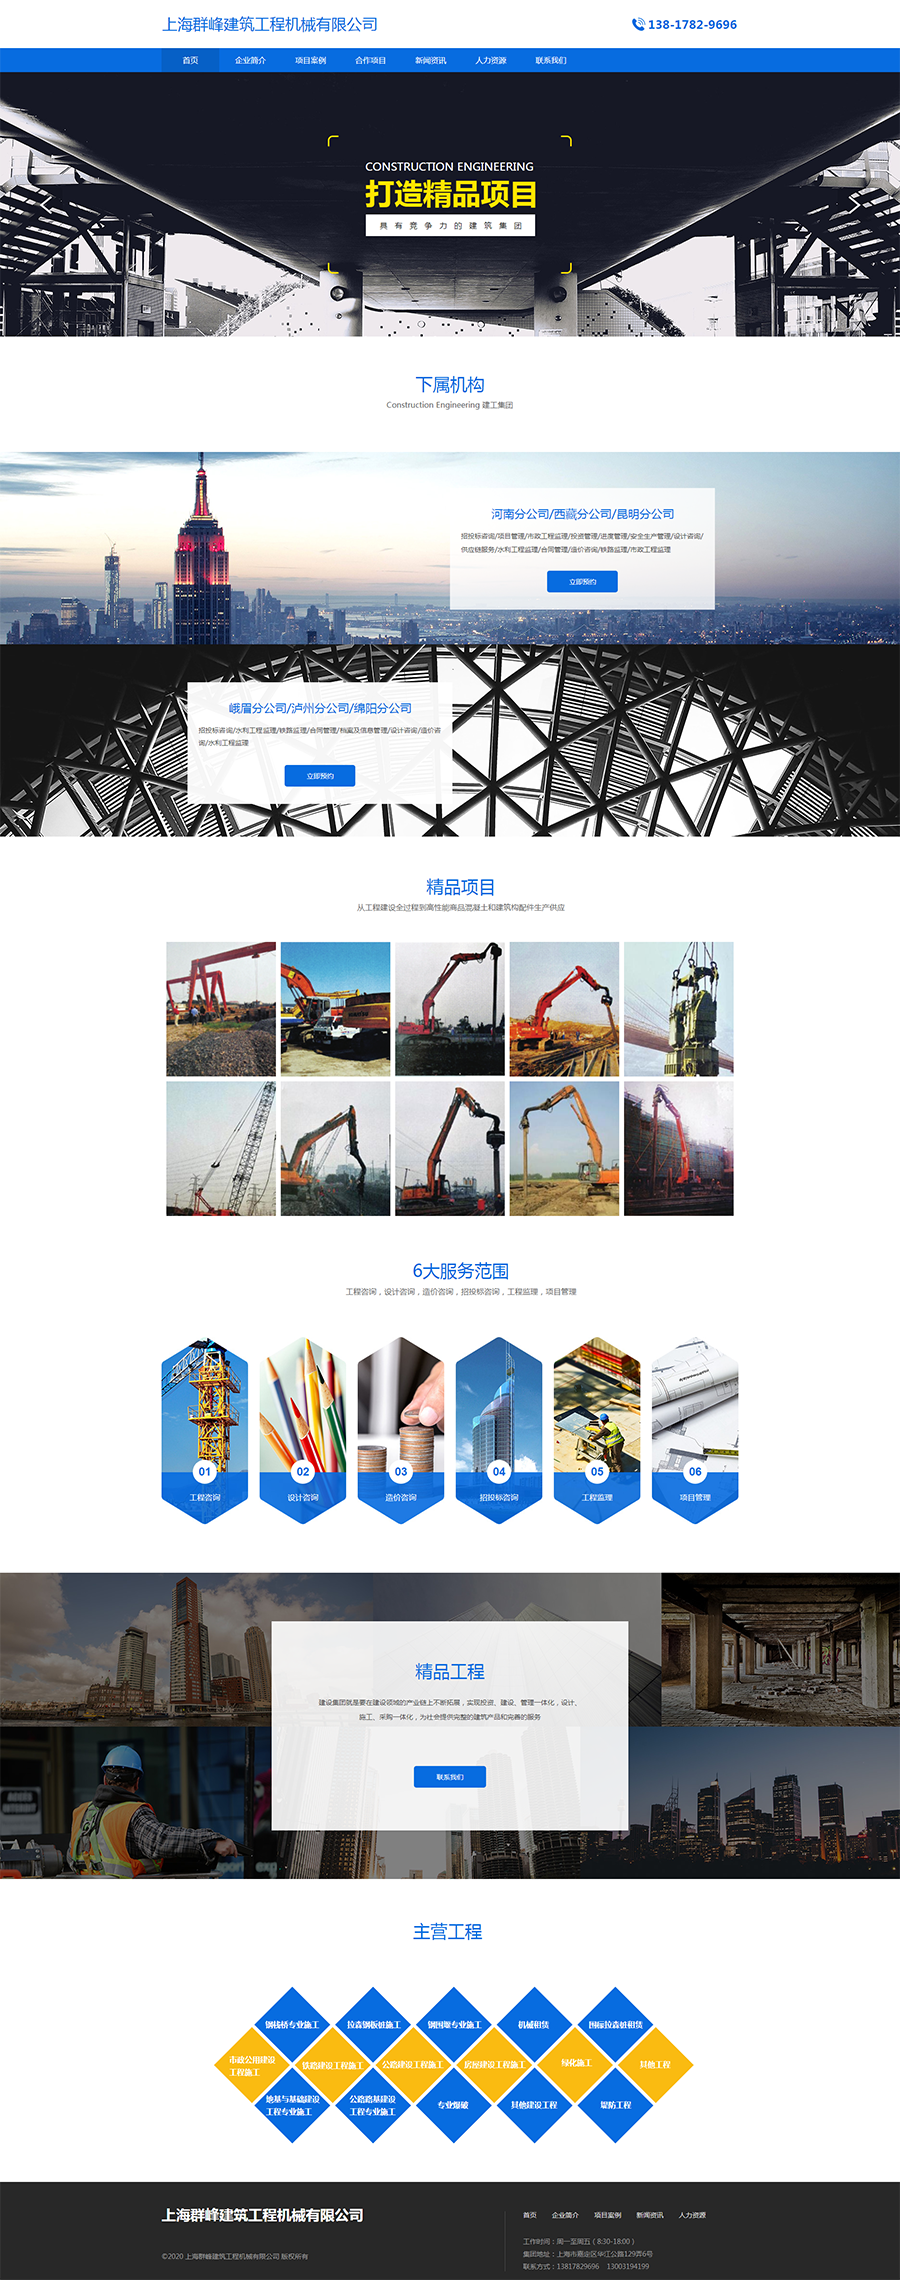 上海群峰建筑工程机械有限公司.png